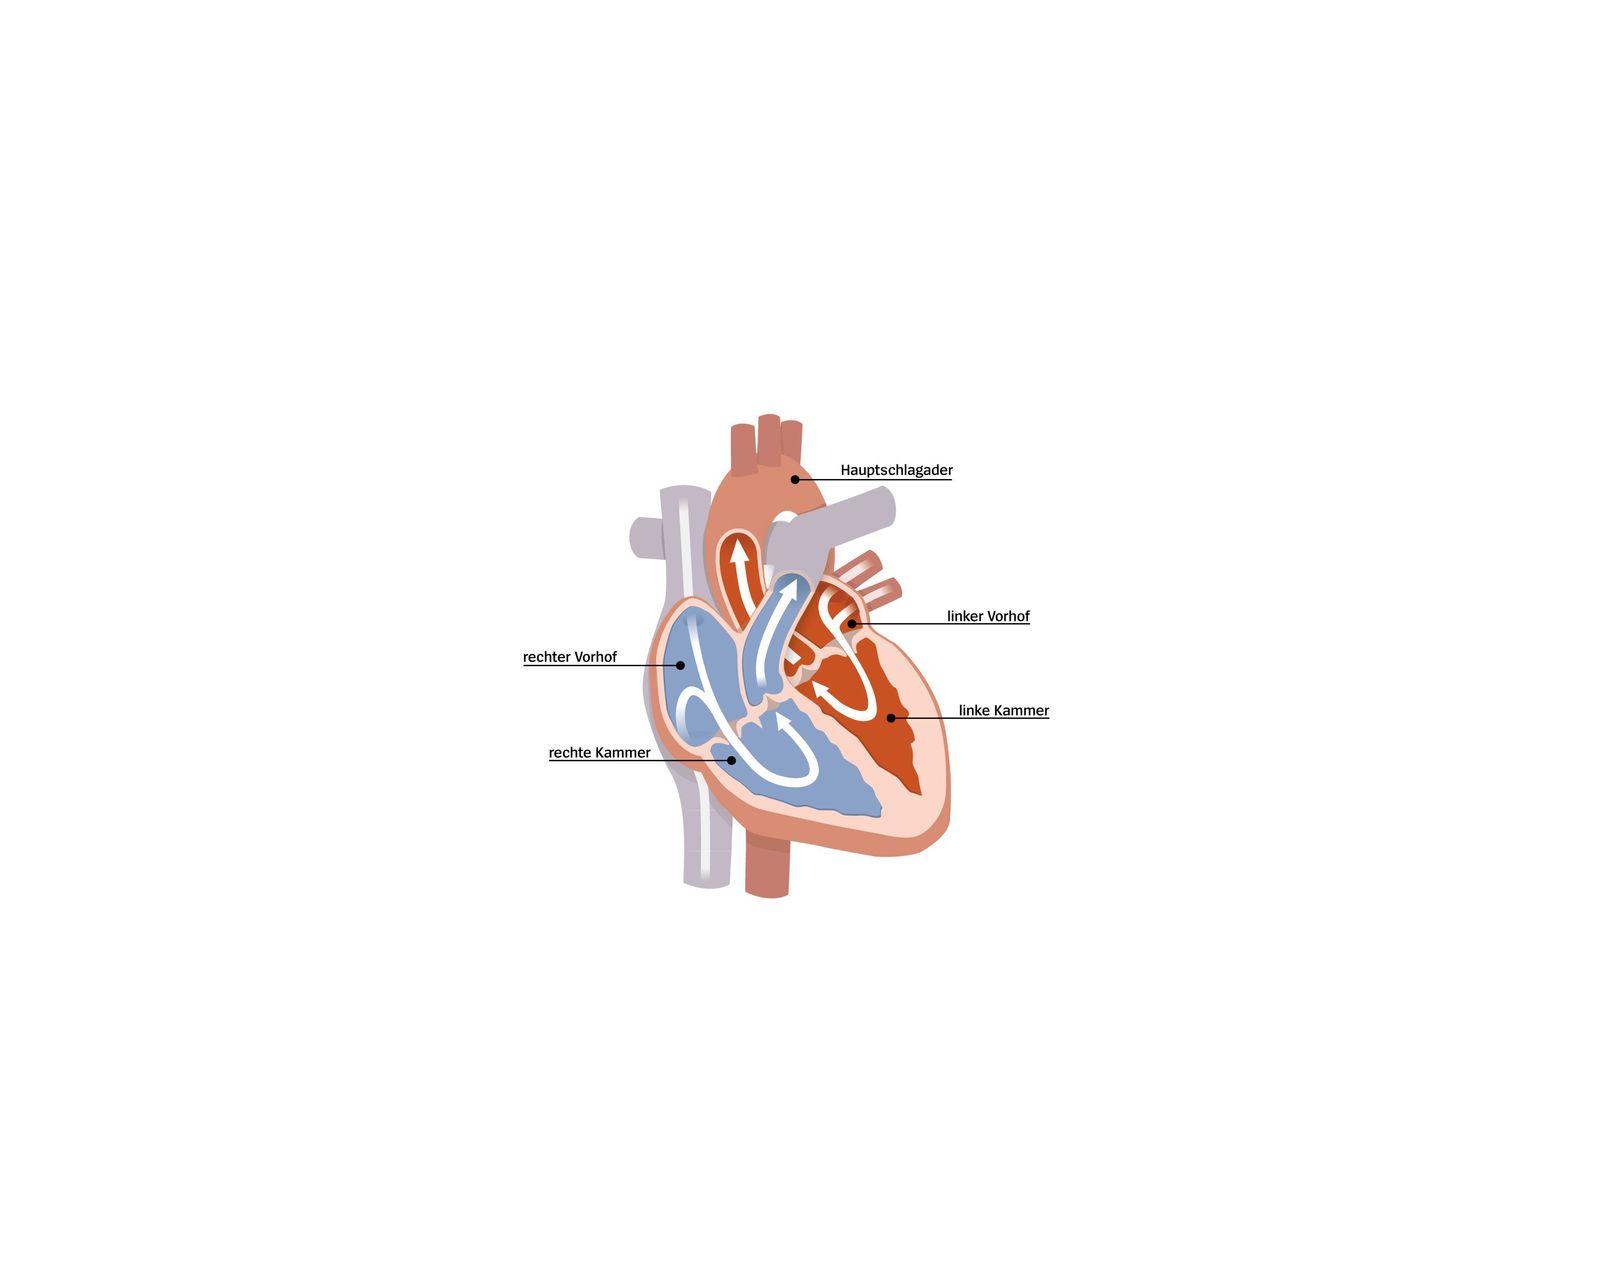 Herz Illustration v2